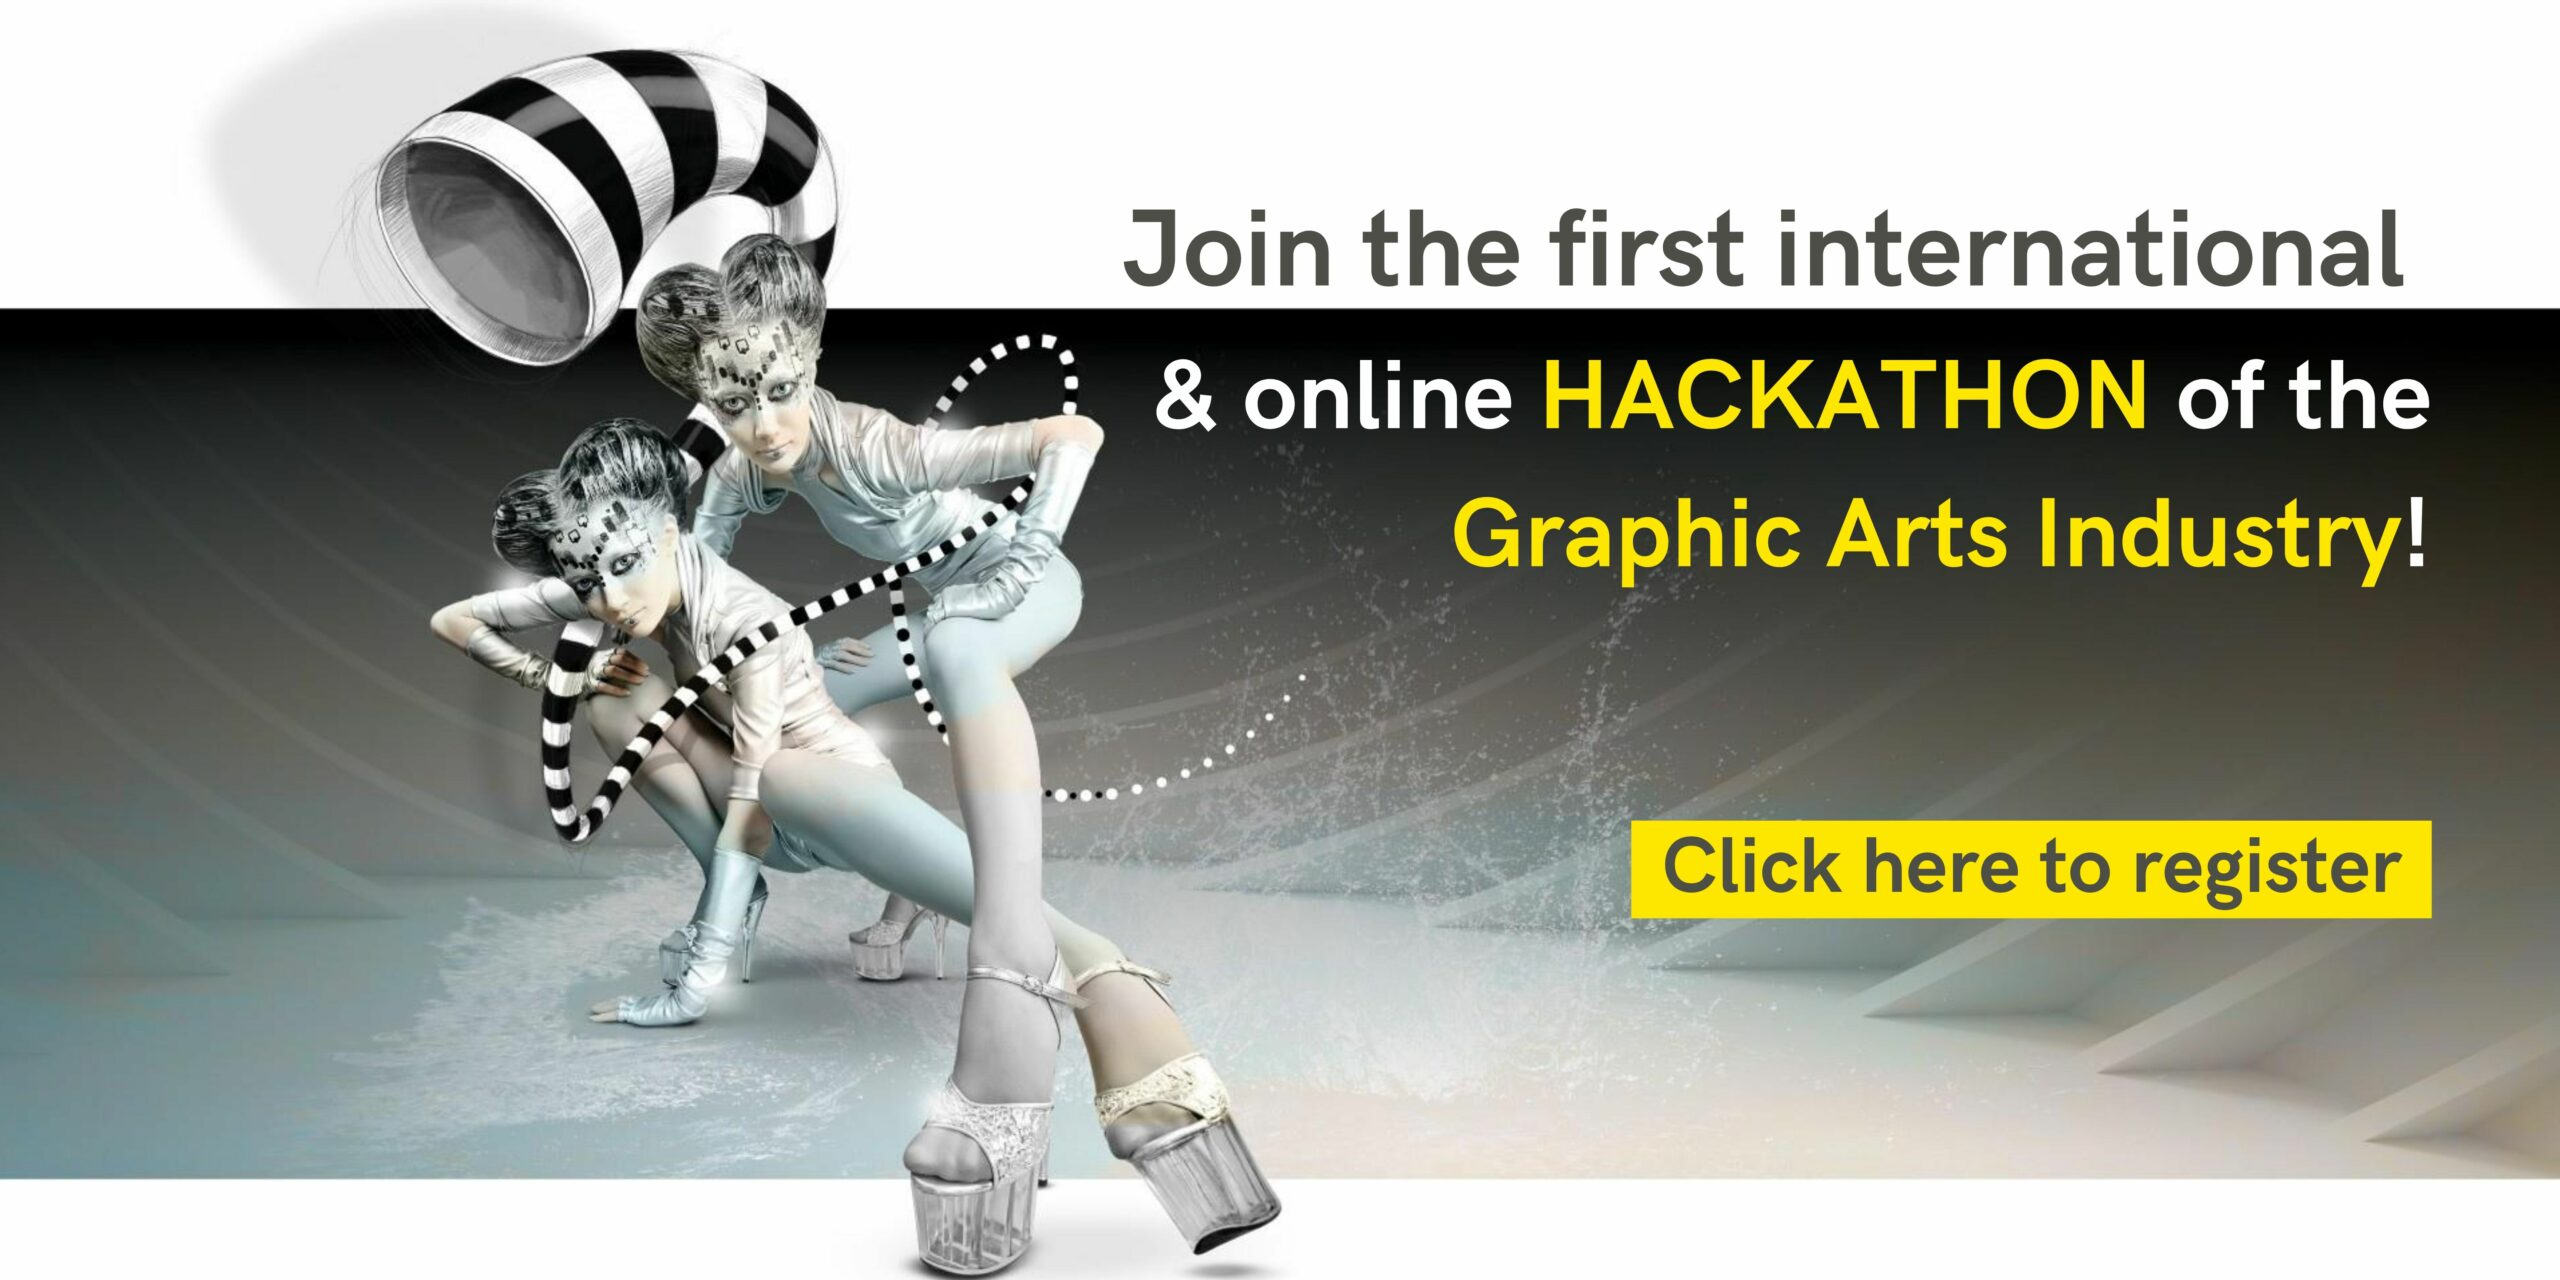 Graphic Arts Industry Hackathon